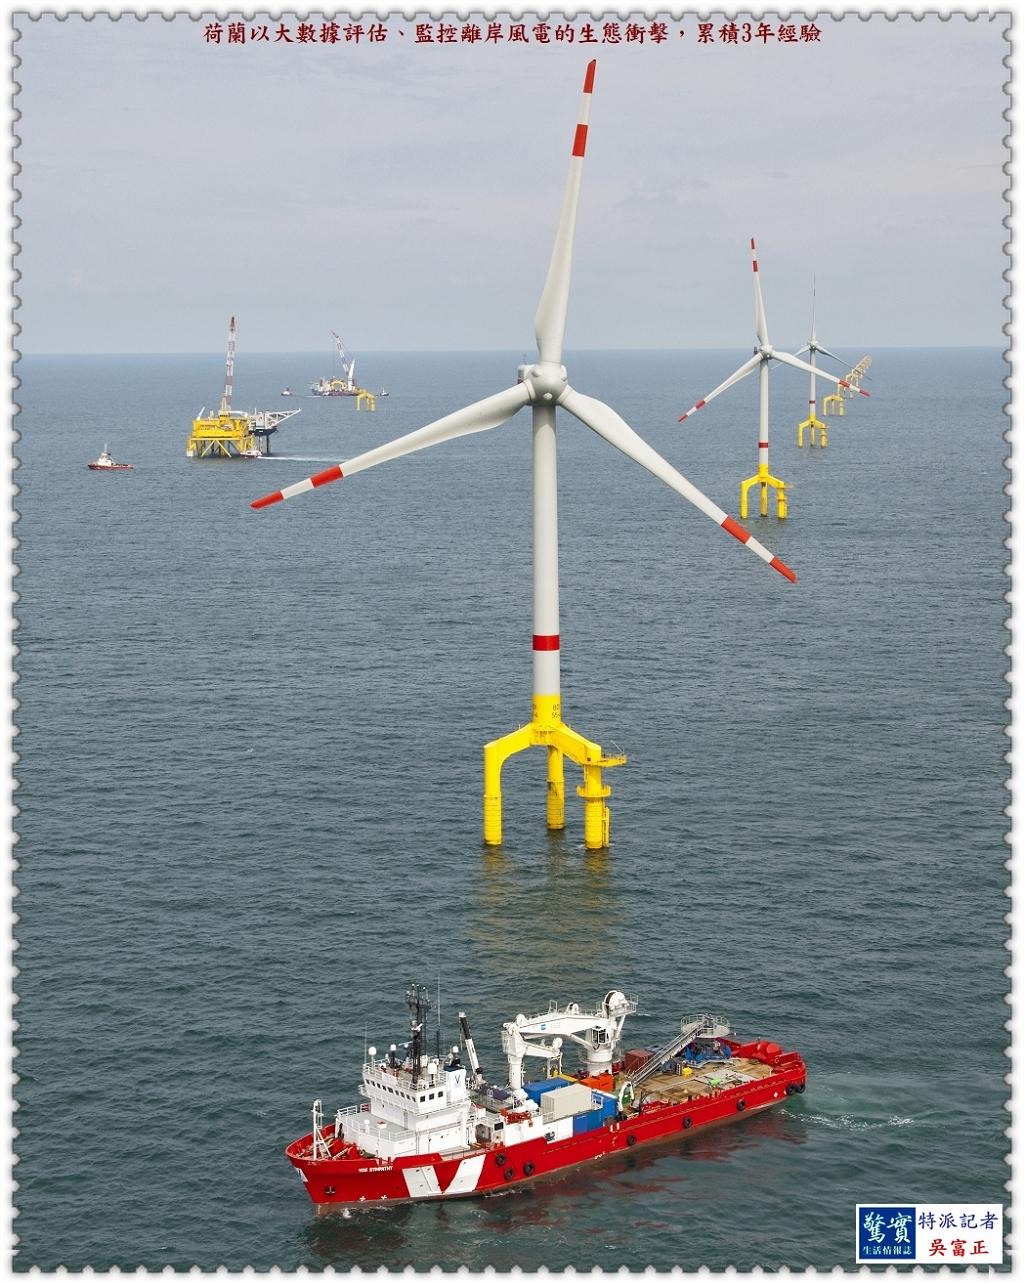 20190313c(驚實報)-荷蘭累積3年[離岸風電]經驗2019亞太國際風力發電展07